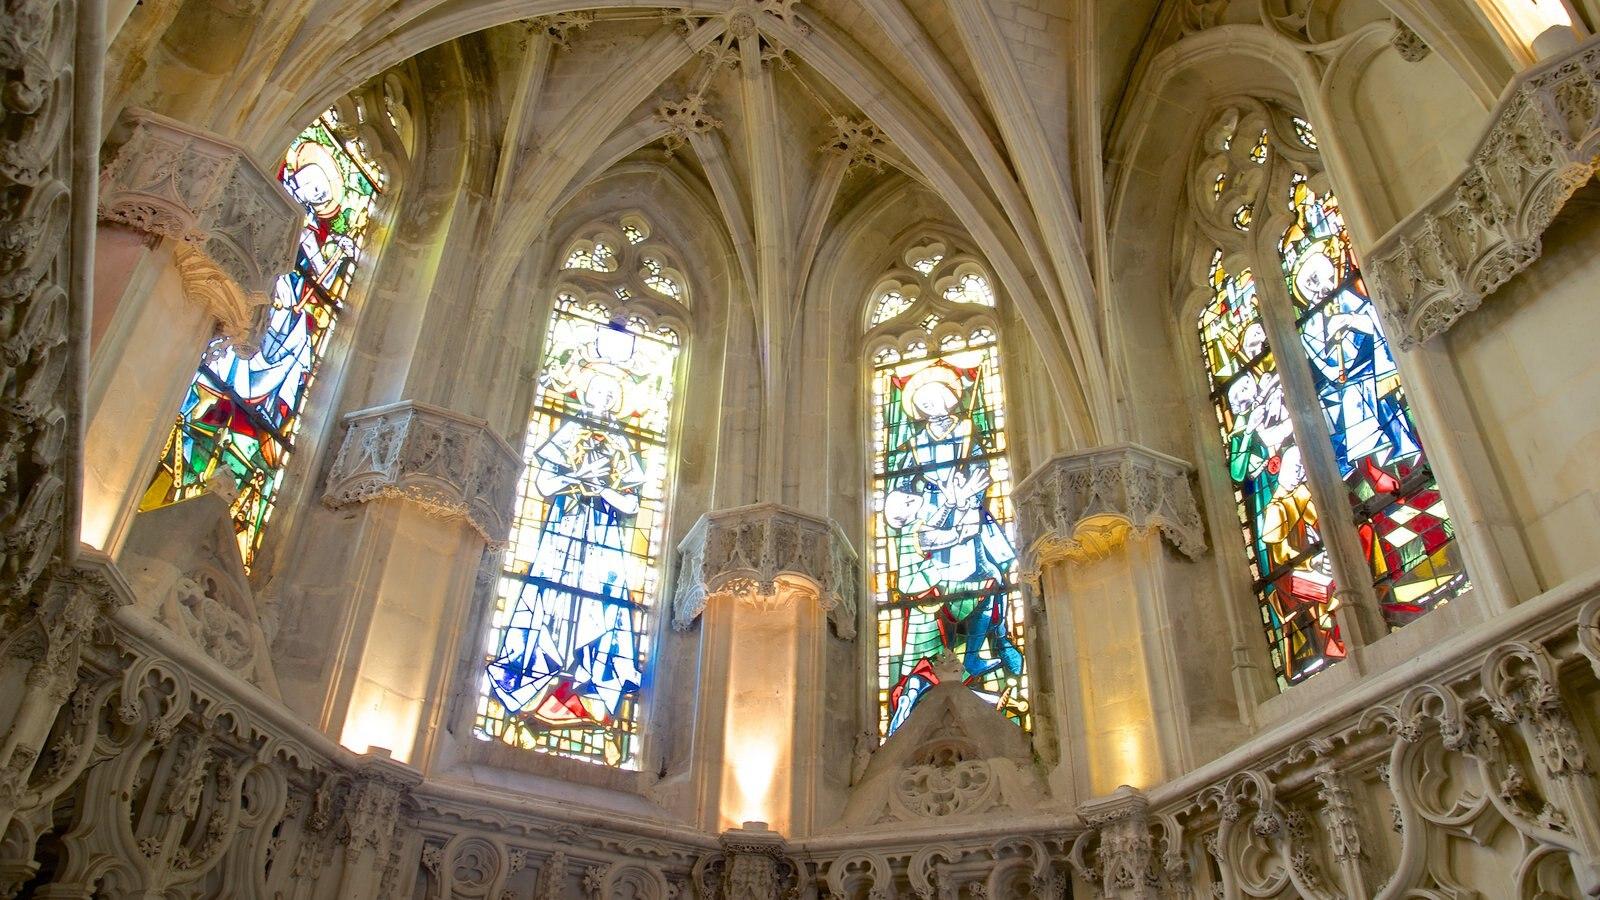 Chateau d\'Amboise que inclui arte, vistas internas e uma igreja ou catedral